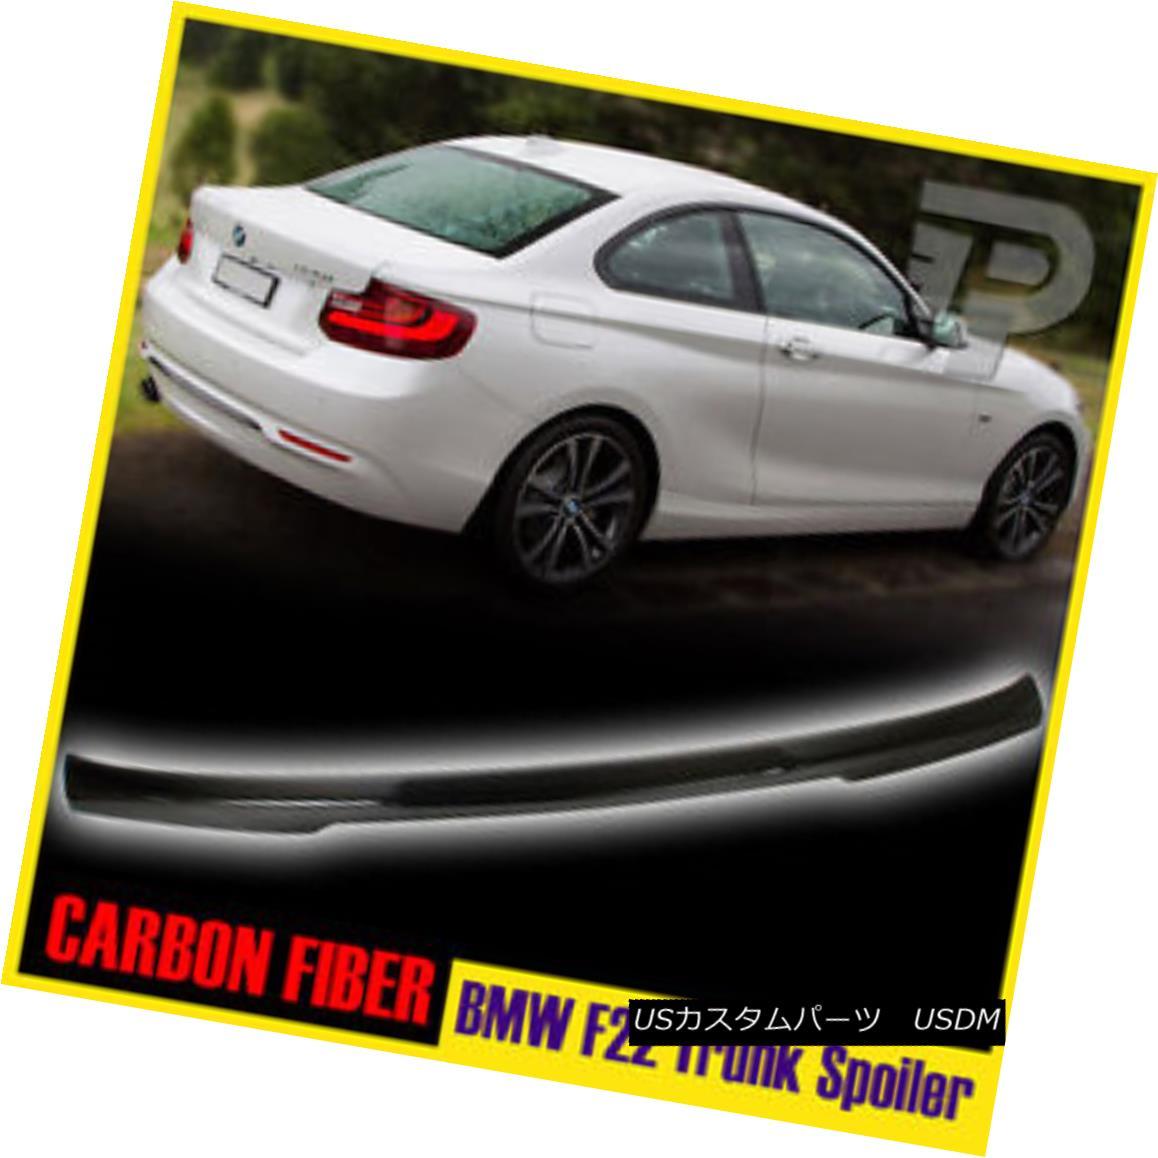 エアロパーツ Carbon Fiber BMW 2-Ser F22 Coupe 2DR M4-Type Trunk Spoiler Boot 228i 235i 16 カーボンファイバーBMW 2-Ser F22クーペ2DR M4タイプトランクスポイラーブーツ228i 235i 16